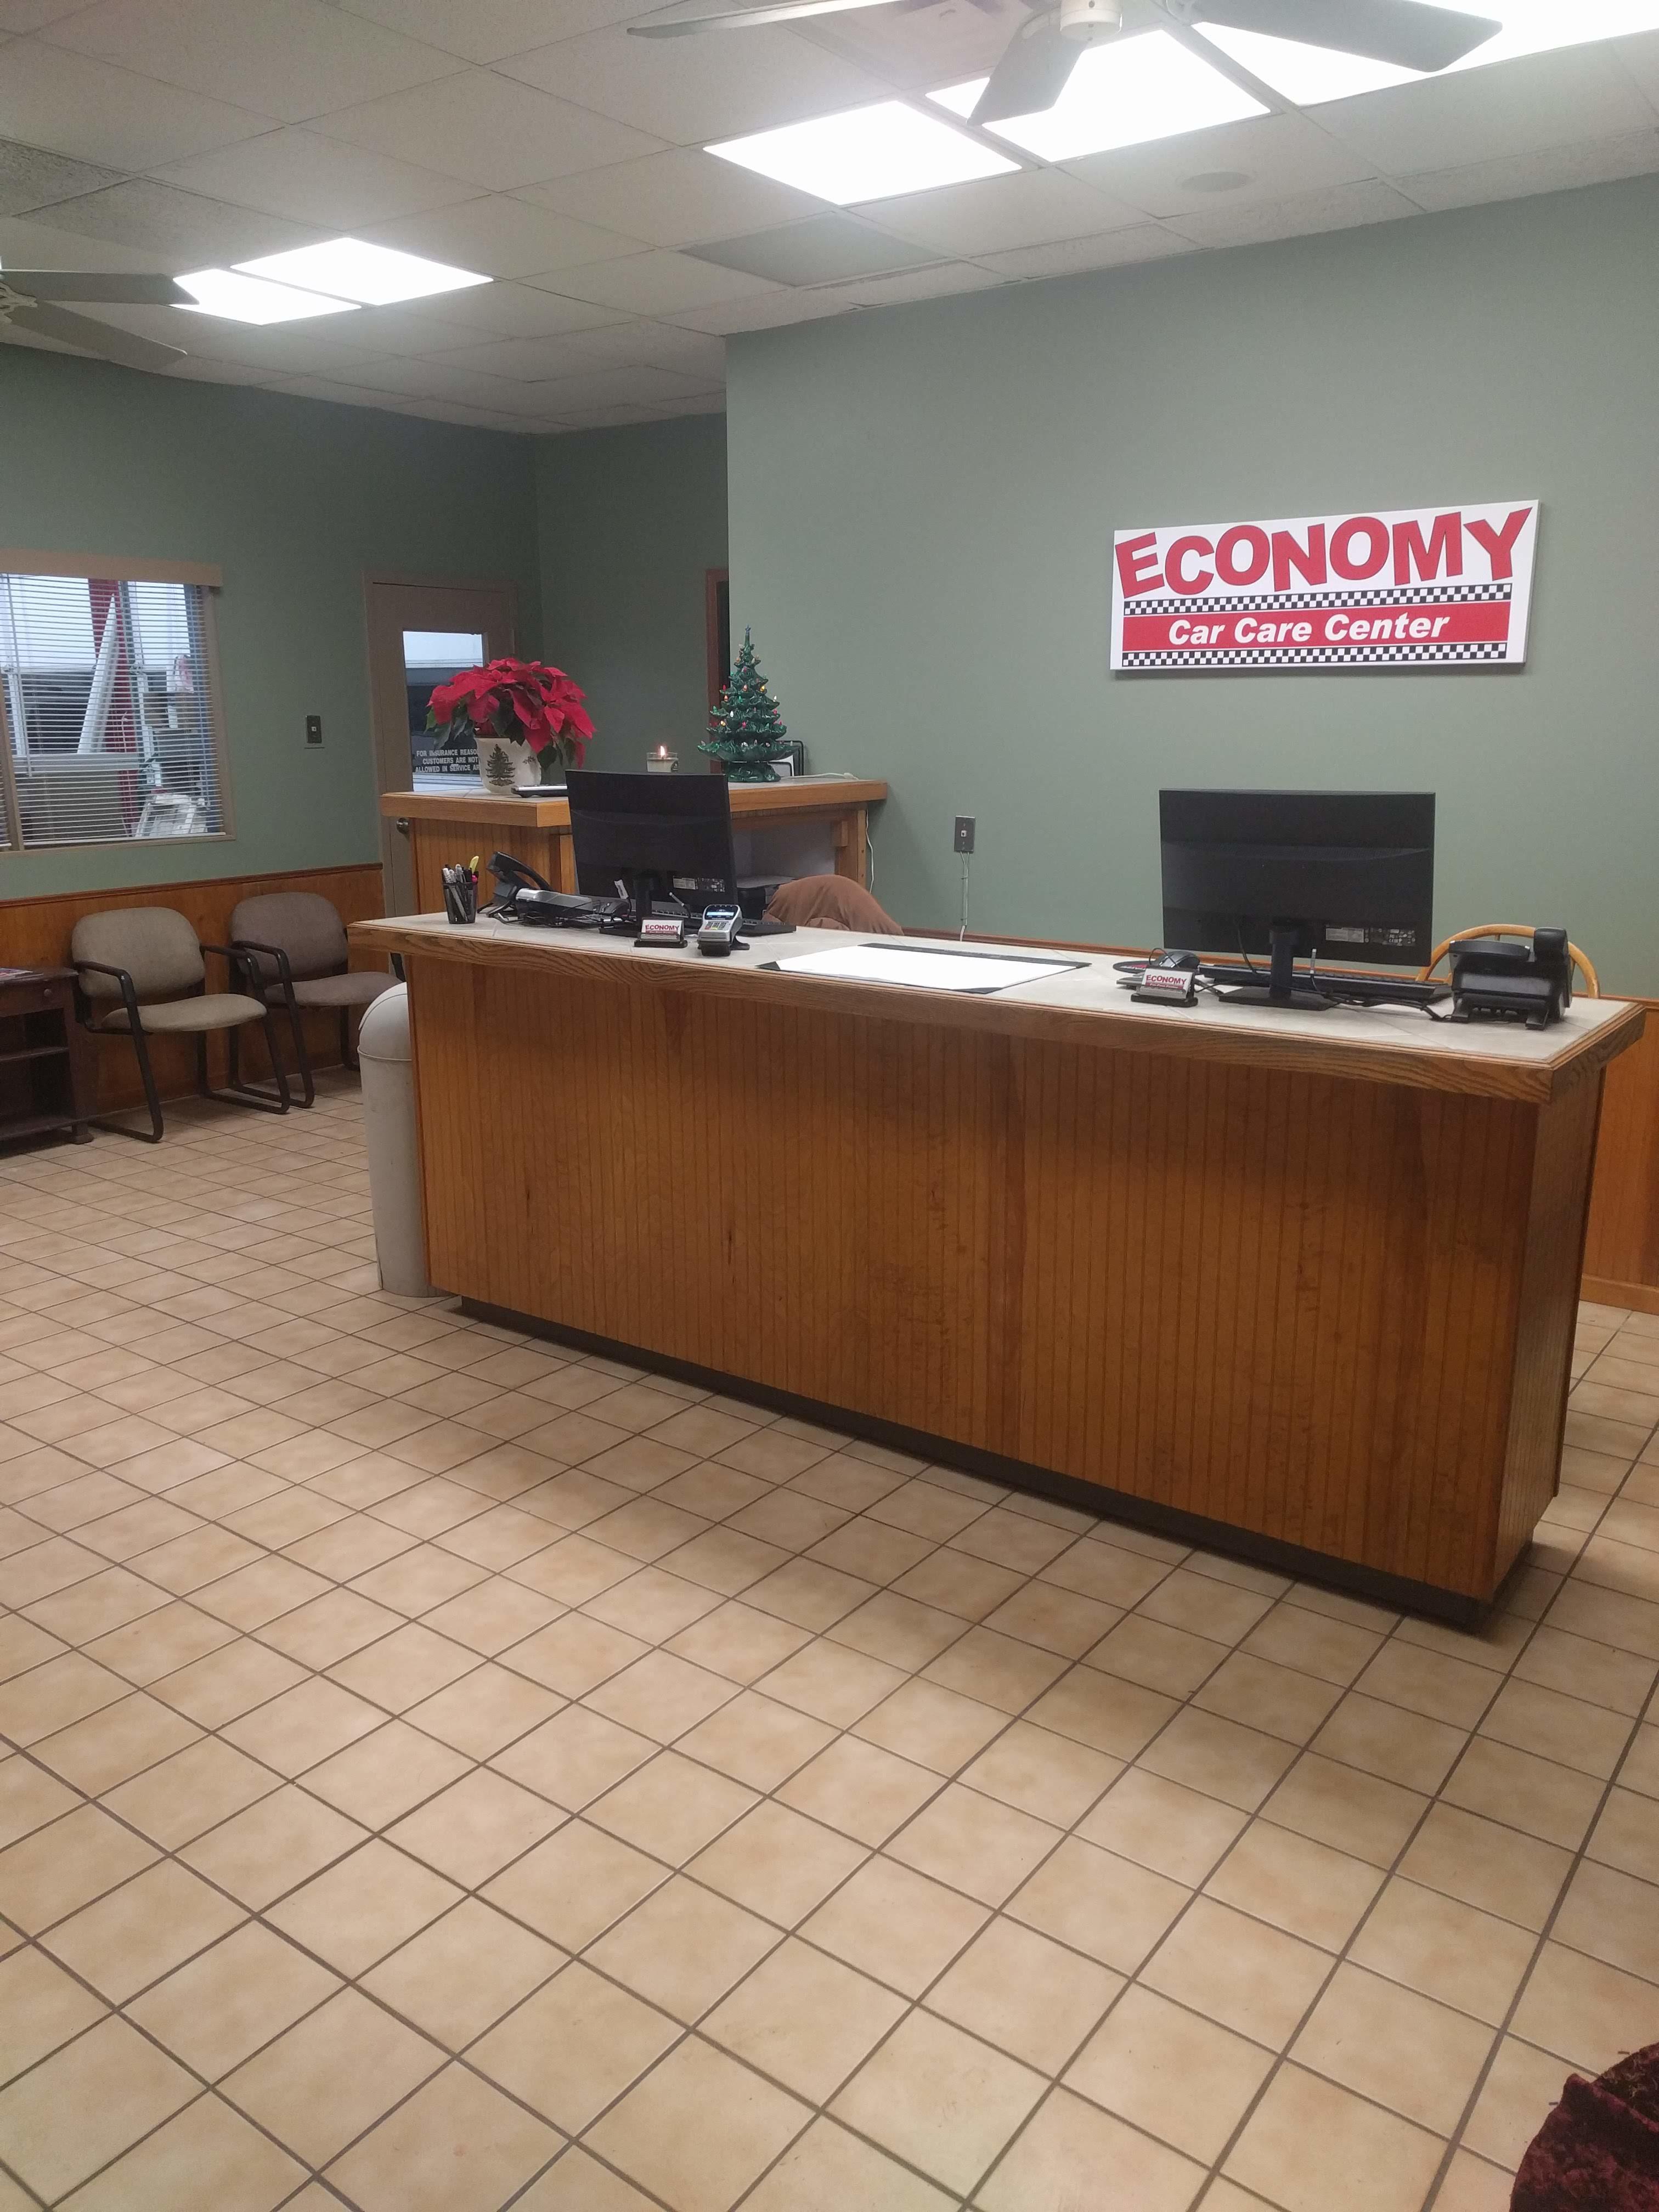 Economy Car Care Center image 6